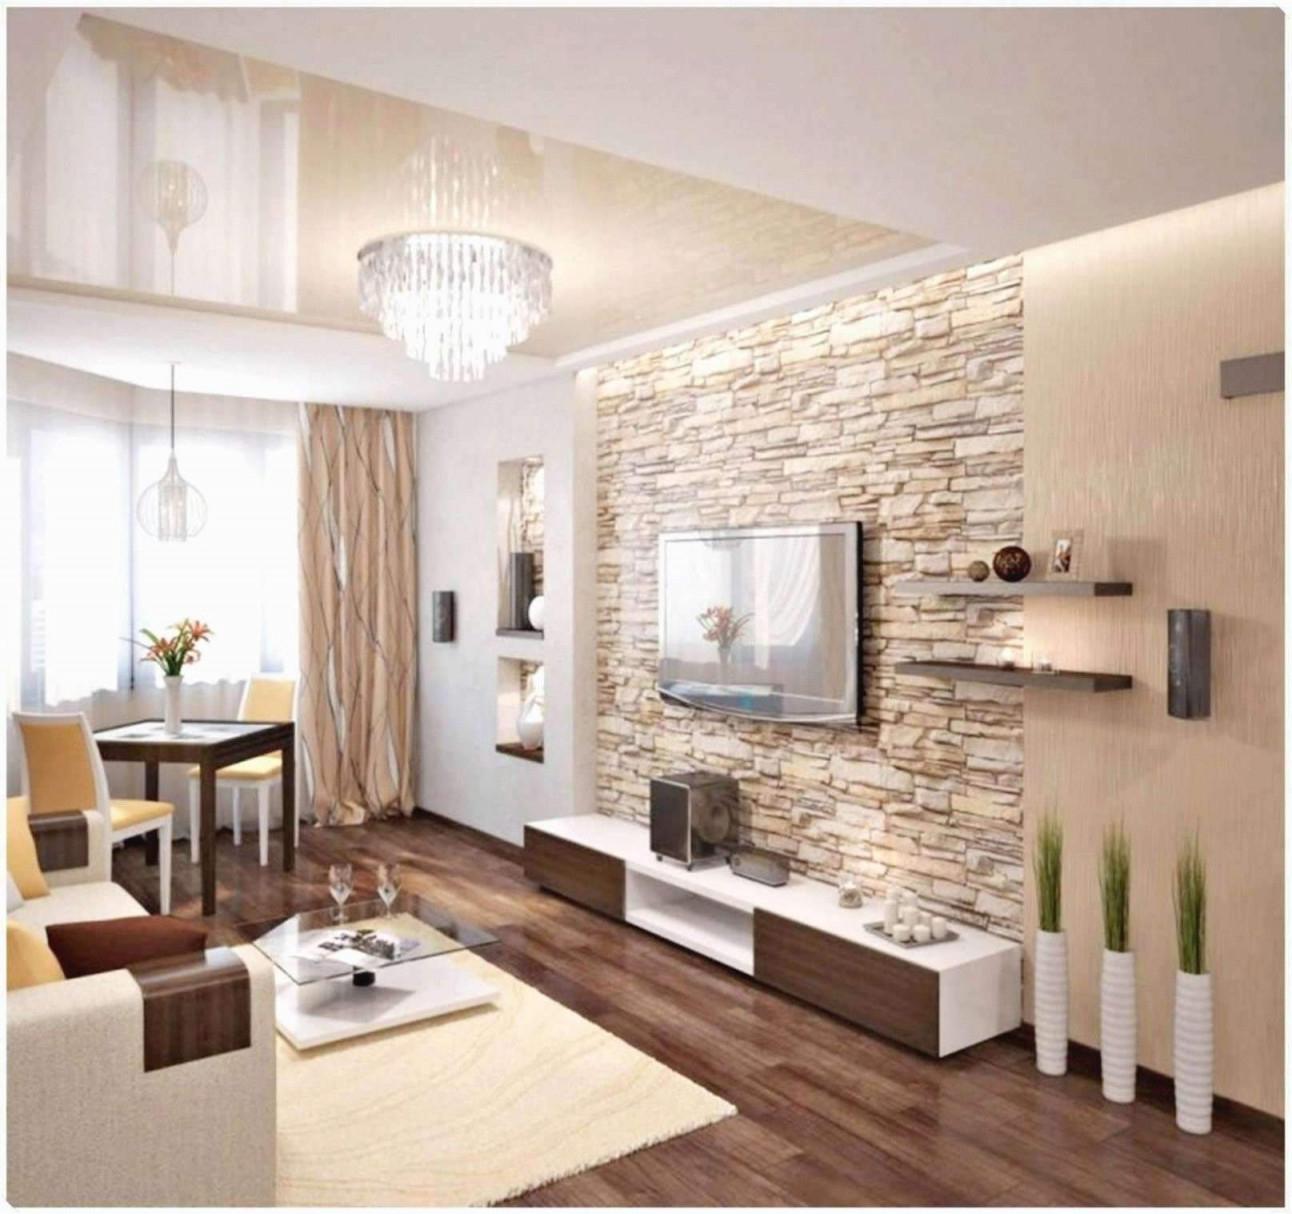 29 Luxus Wohnzimmer Einrichten Ideen Genial  Wohnzimmer Frisch von Wohnzimmer Ideen Holz Bild